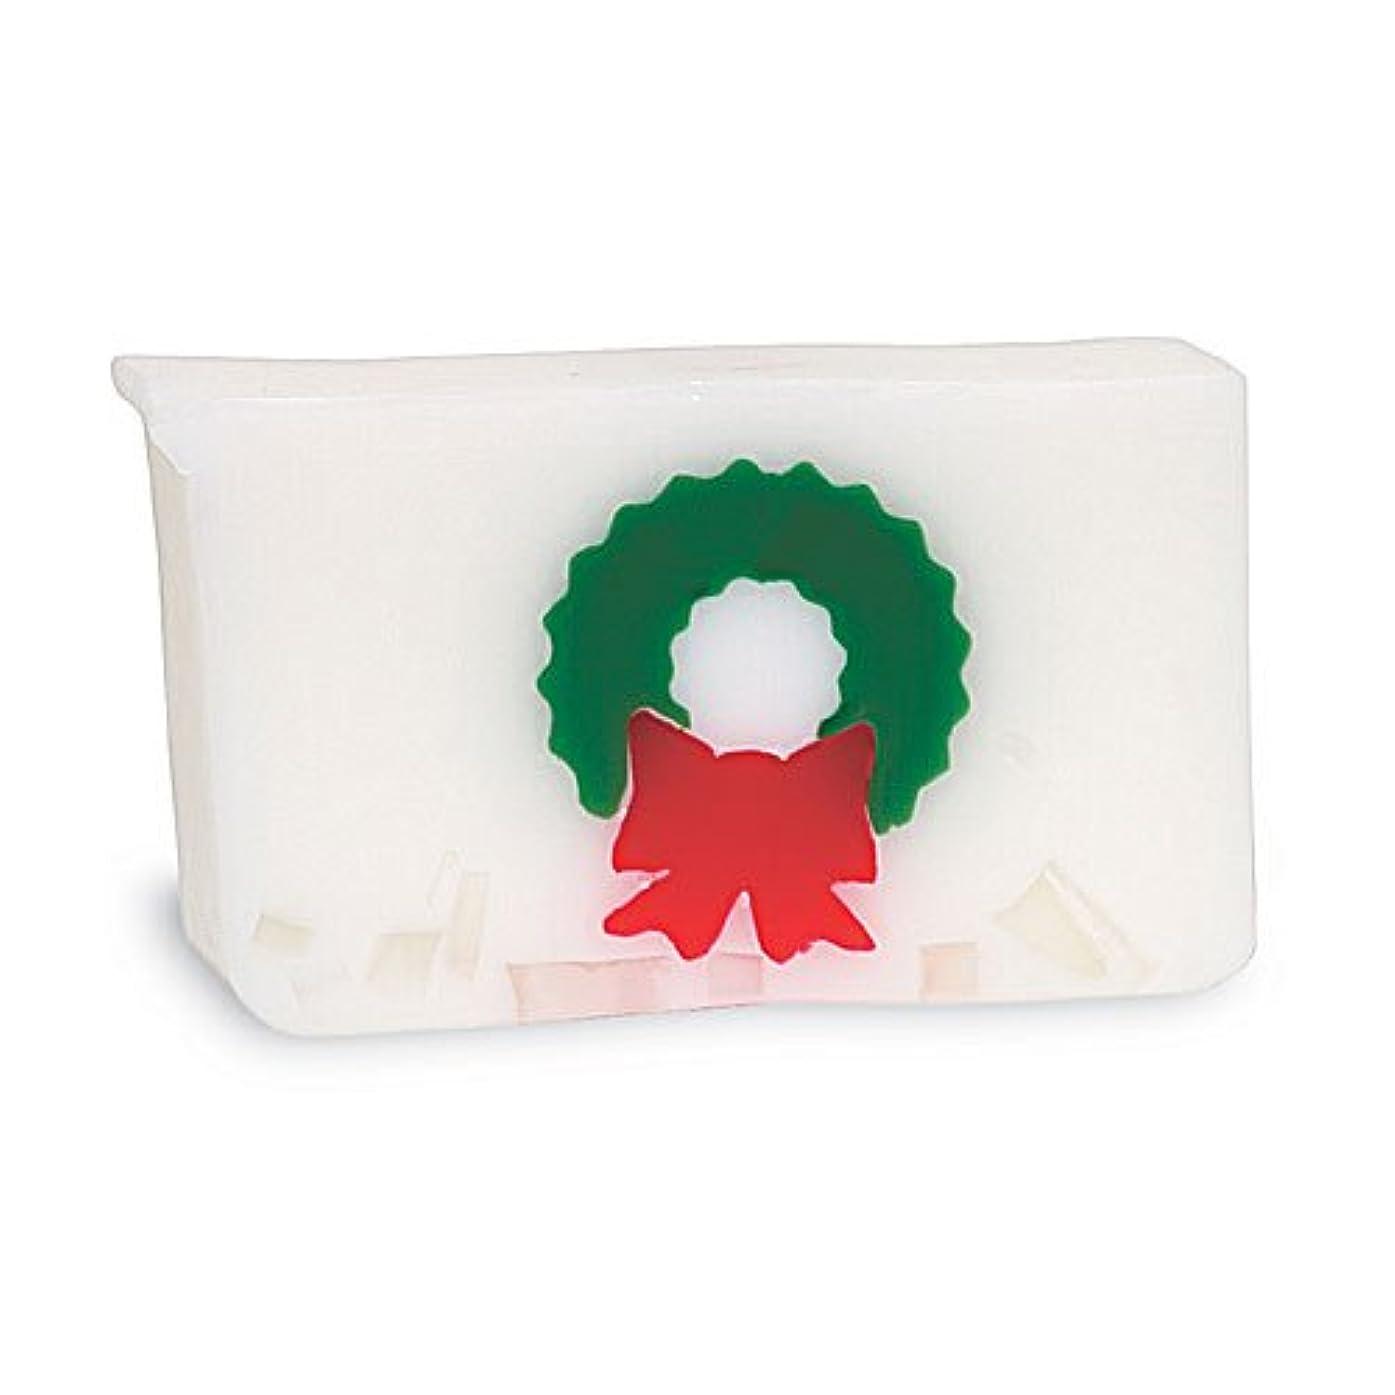 外出メタリック化粧プライモールエレメンツ アロマティック ソープ クリスマスリース 180g 植物性 ナチュラル 石鹸 無添加